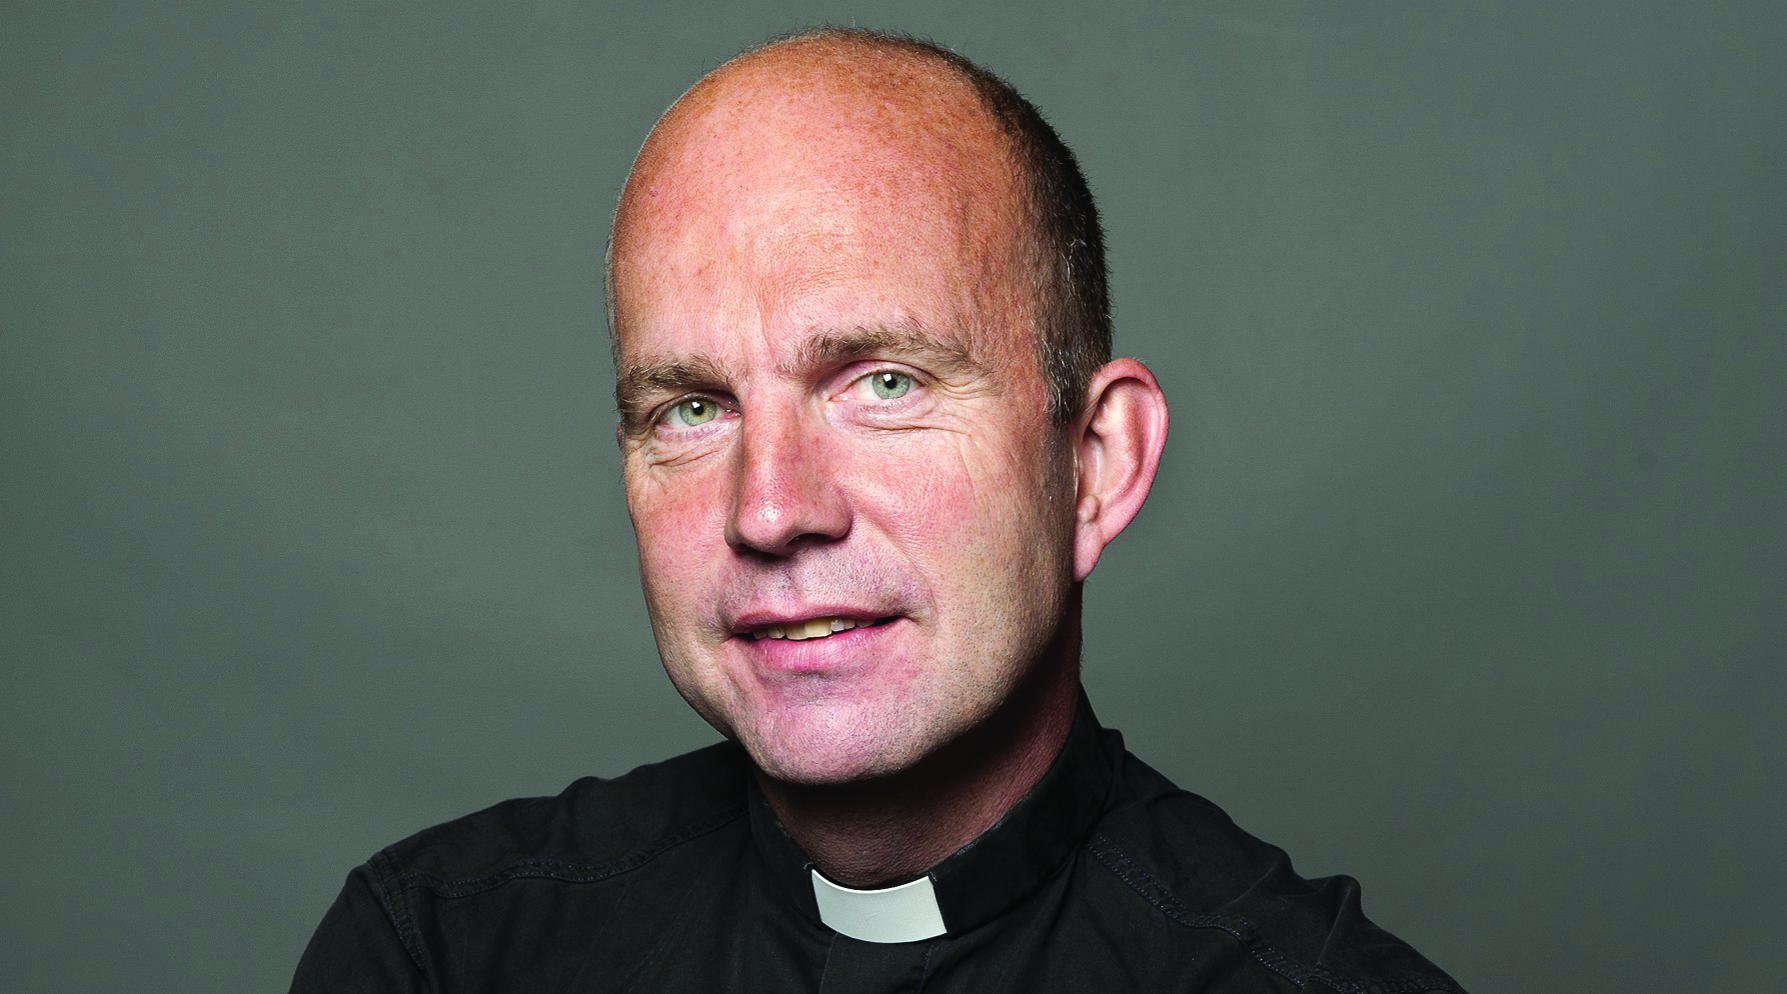 İsveç kilisesinden hoparlörle ezan açıklaması: Sabırsızlıkla bekliyorum